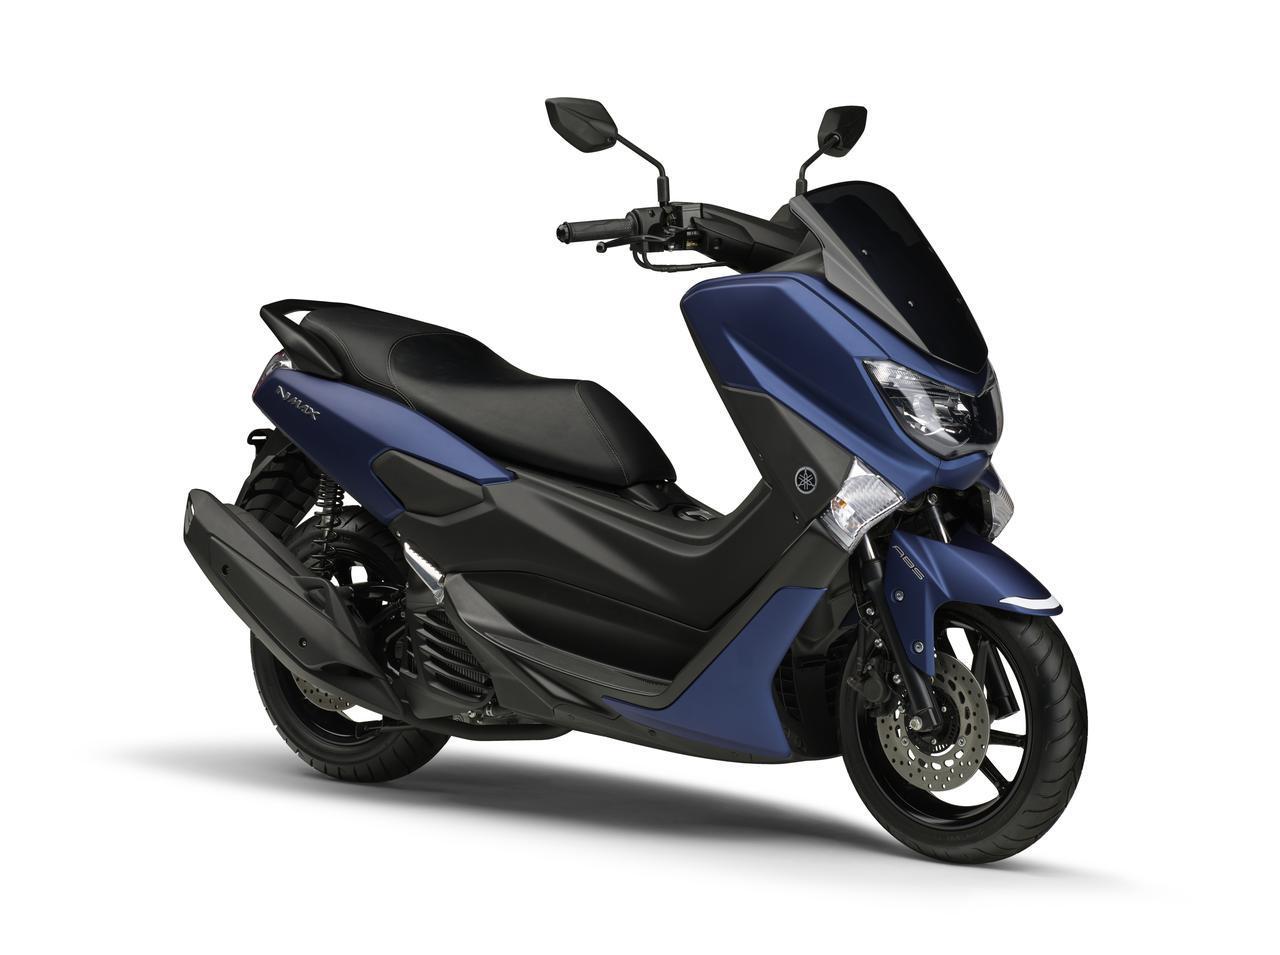 画像1: ヤマハ「NMAX ABS」(2020年)解説&試乗インプレ|YAMAHAで最も高価な125cc二輪スクーターの魅力とは?